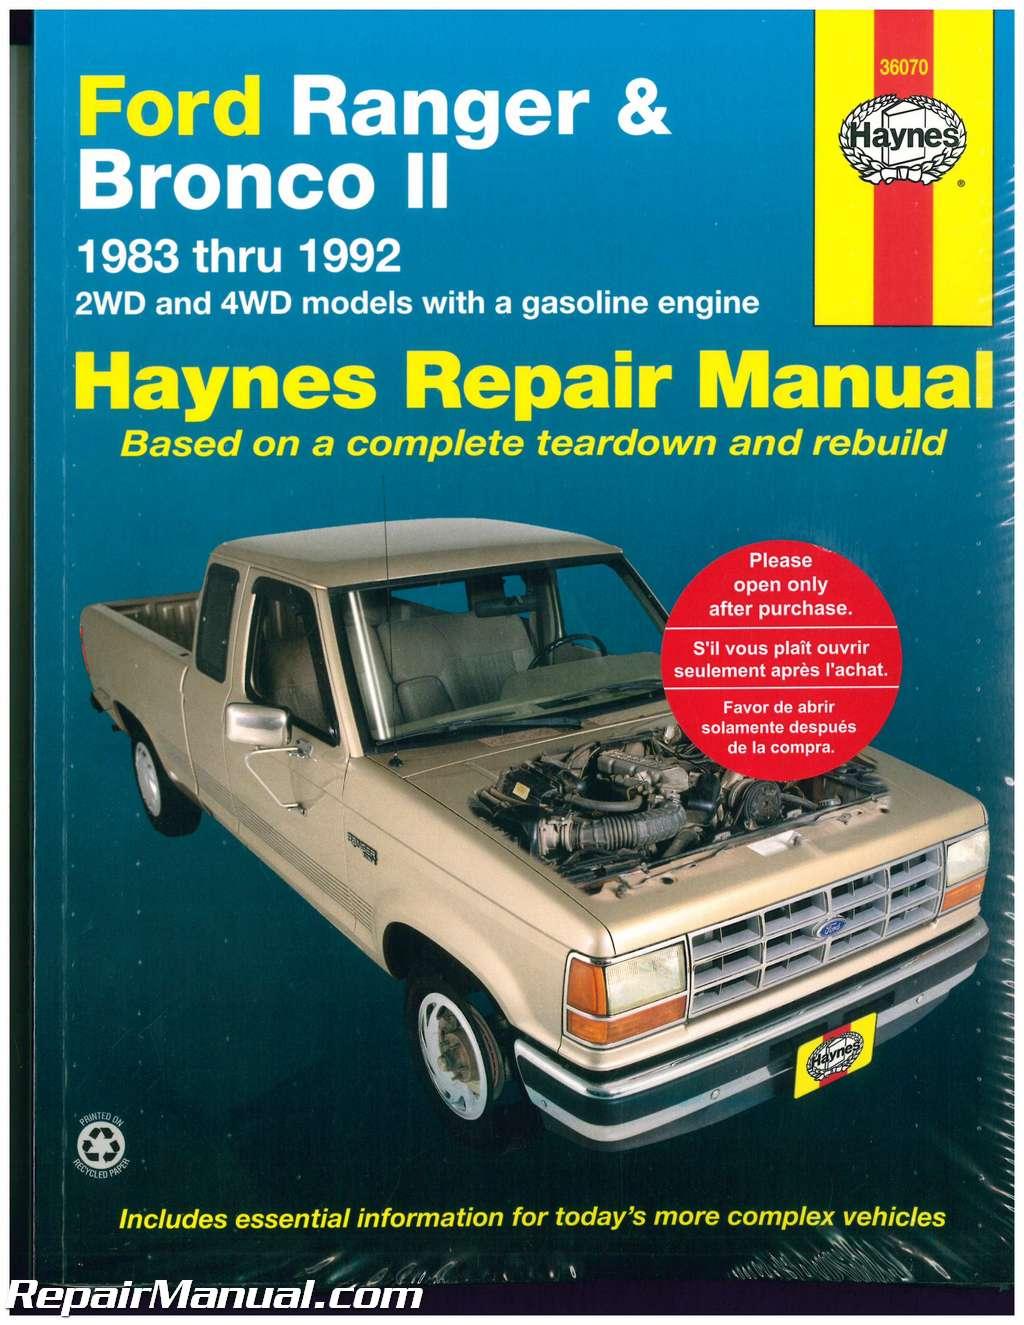 Ford Ranger Pick-up Trucks and Bronco II 1983-1992 Haynes Truck Repair  Manual